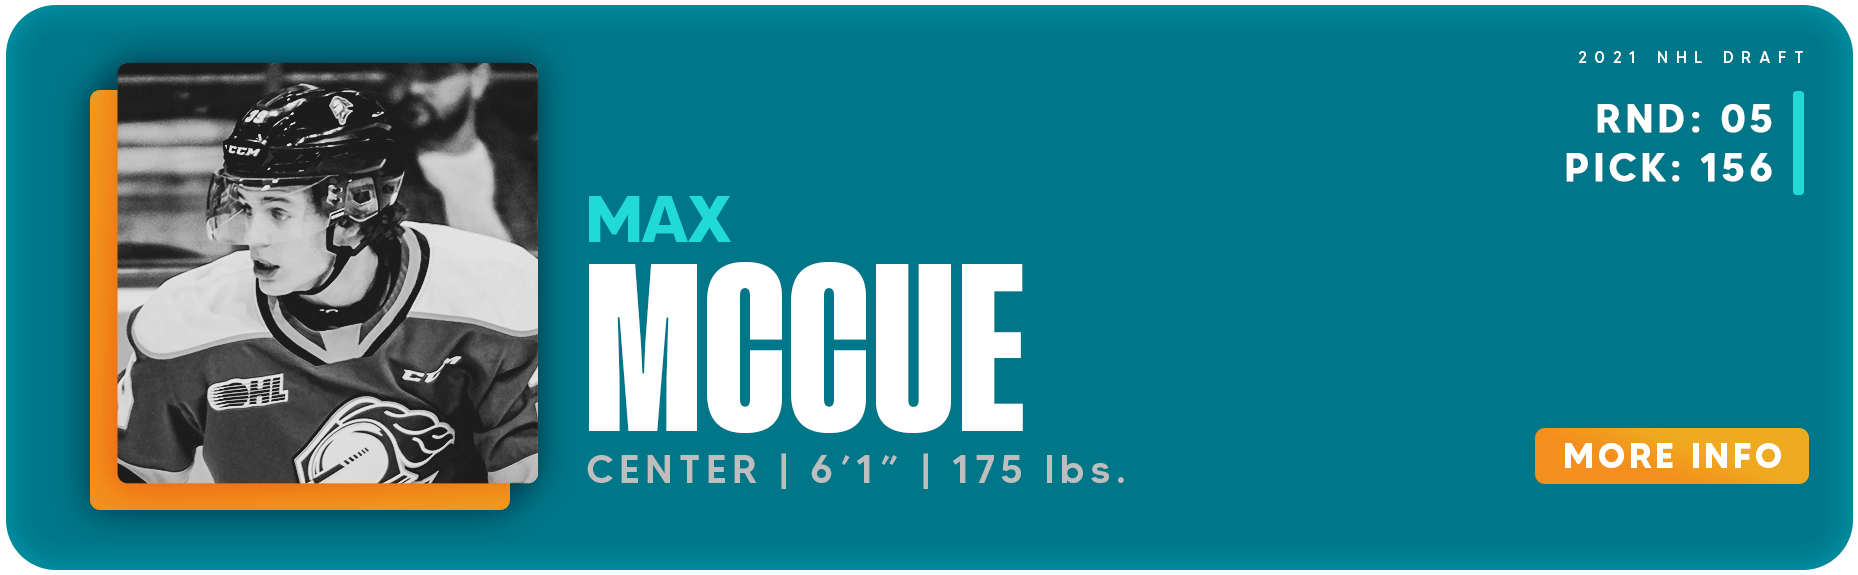 Max Mccue